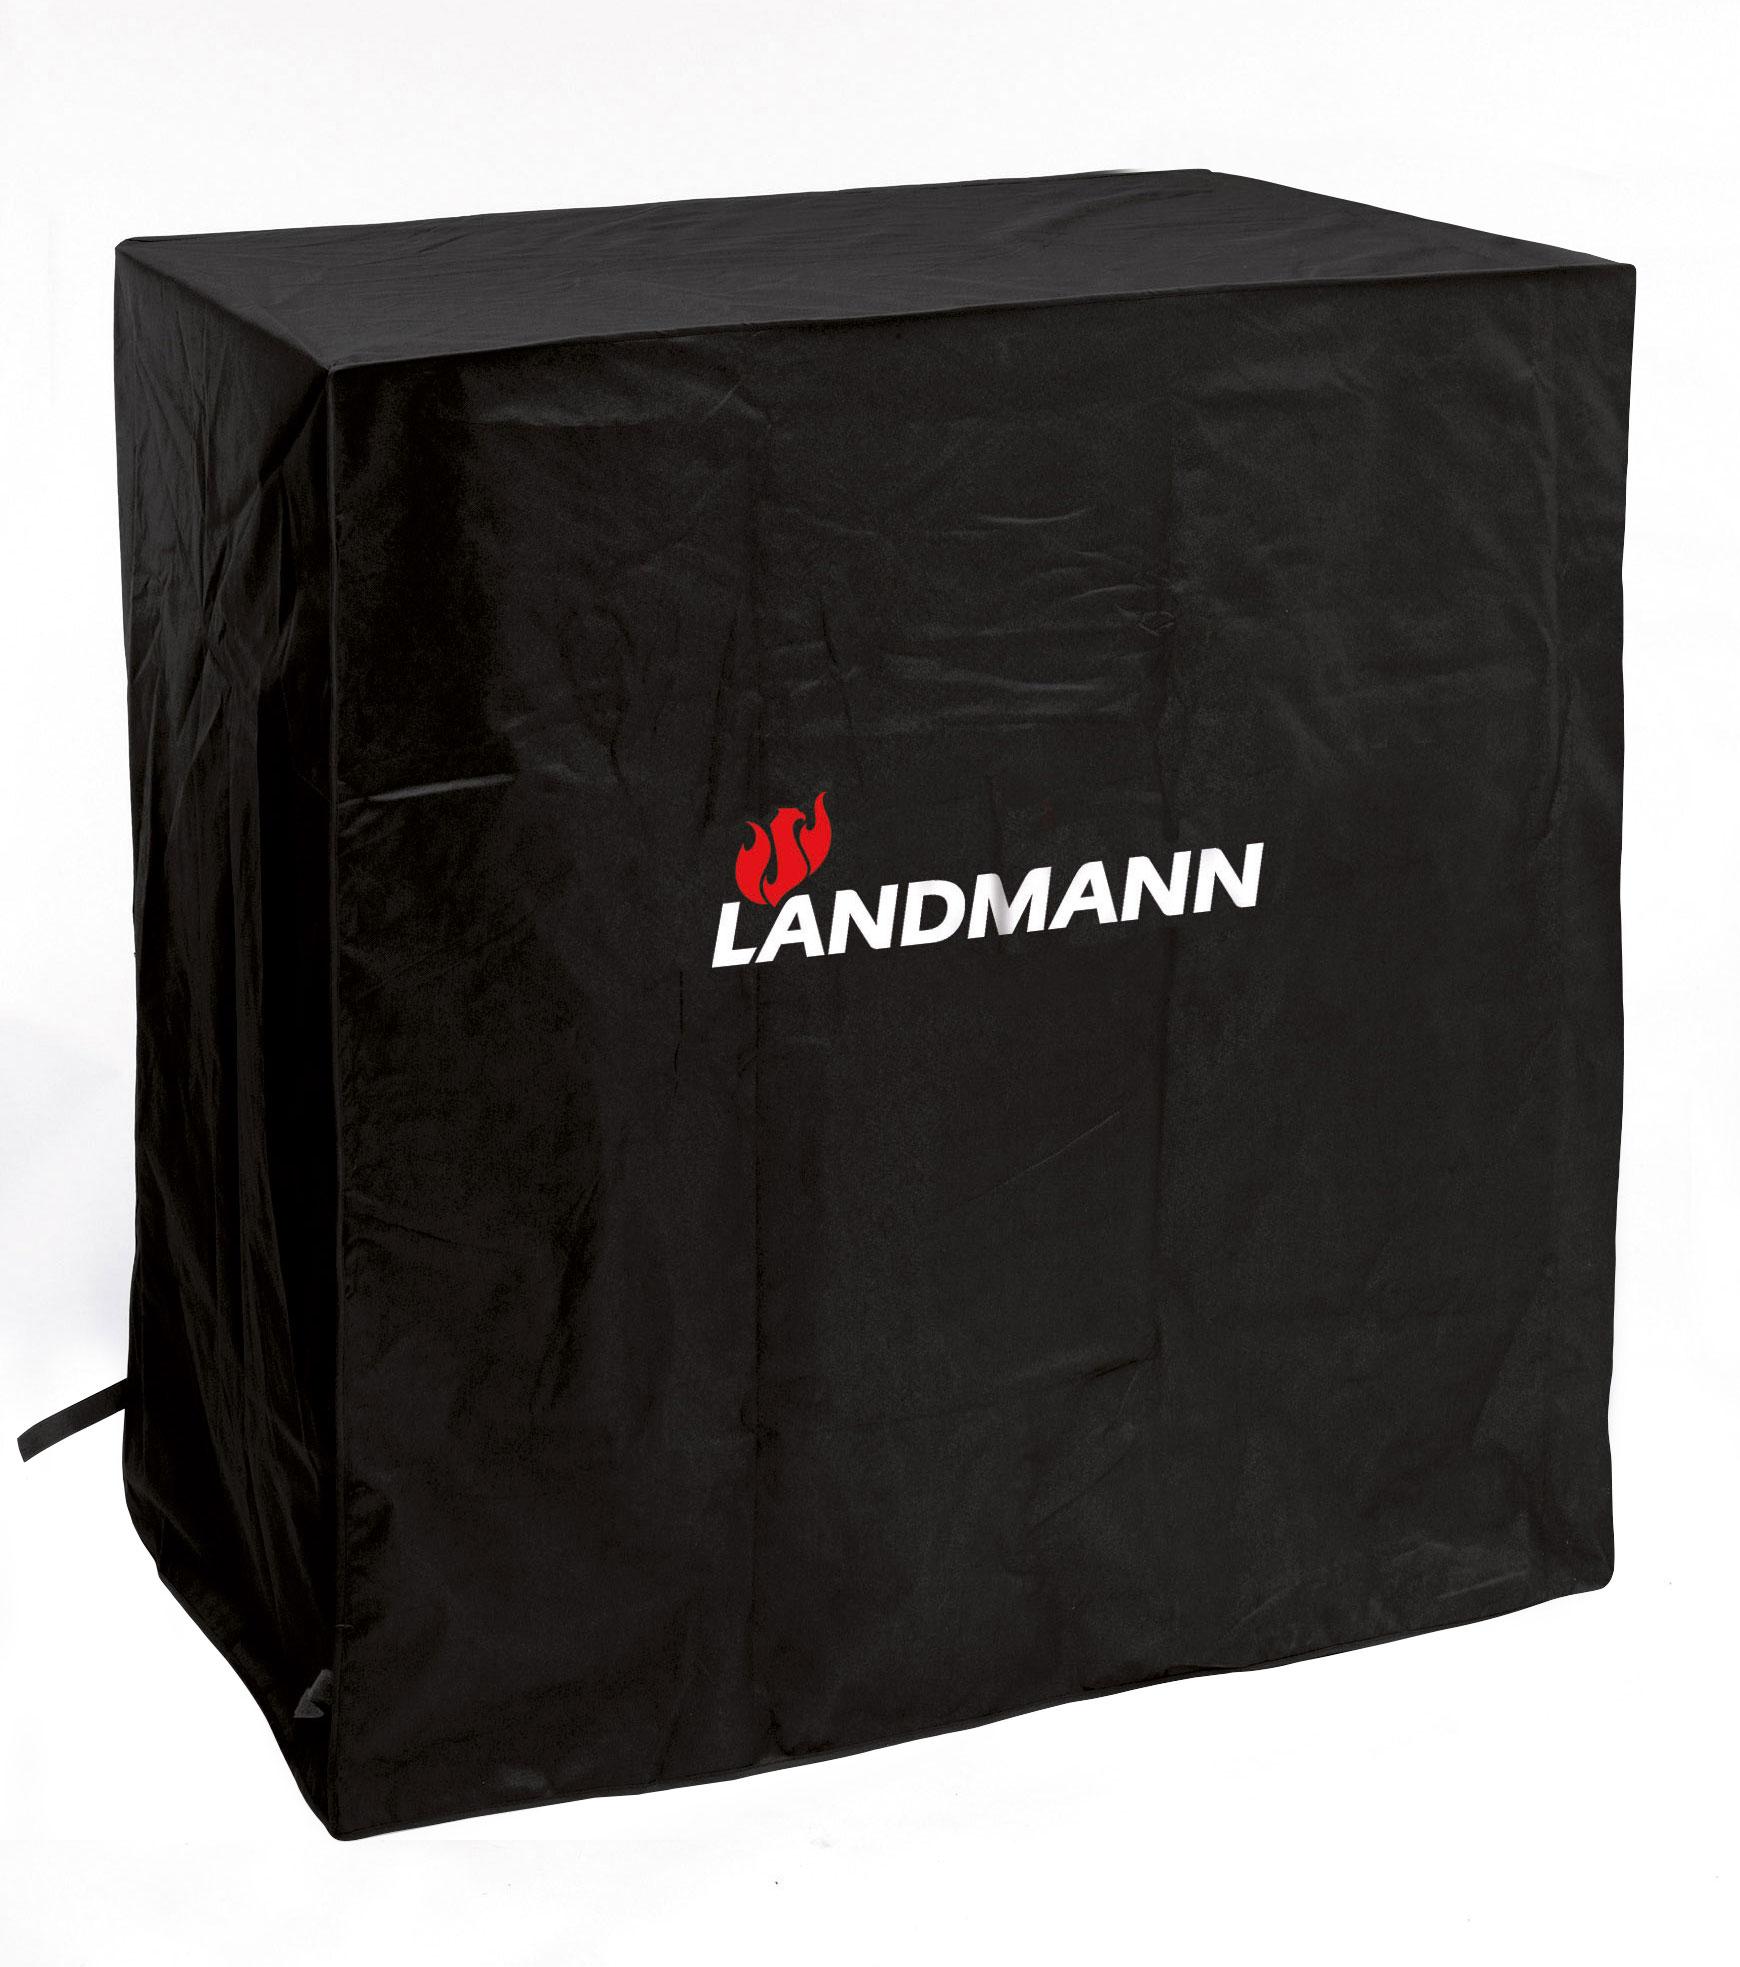 Schutzhülle für Landmann Grill Wetterschutzhaube Quality M 15701 Bild 1